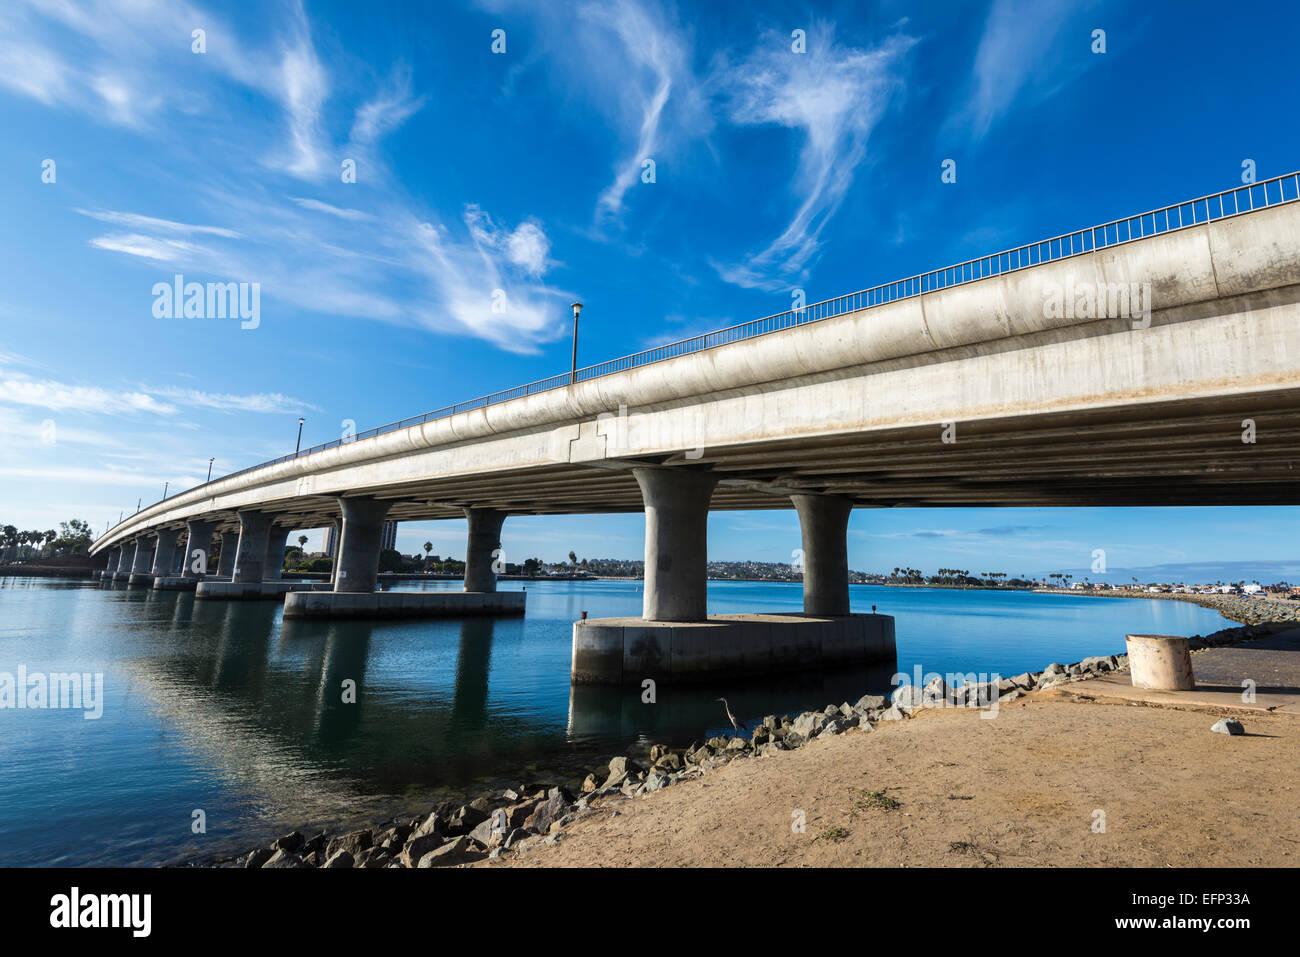 Nubes sobre el puente West Mission Bay Drive. San Diego, California, Estados Unidos. Foto de stock